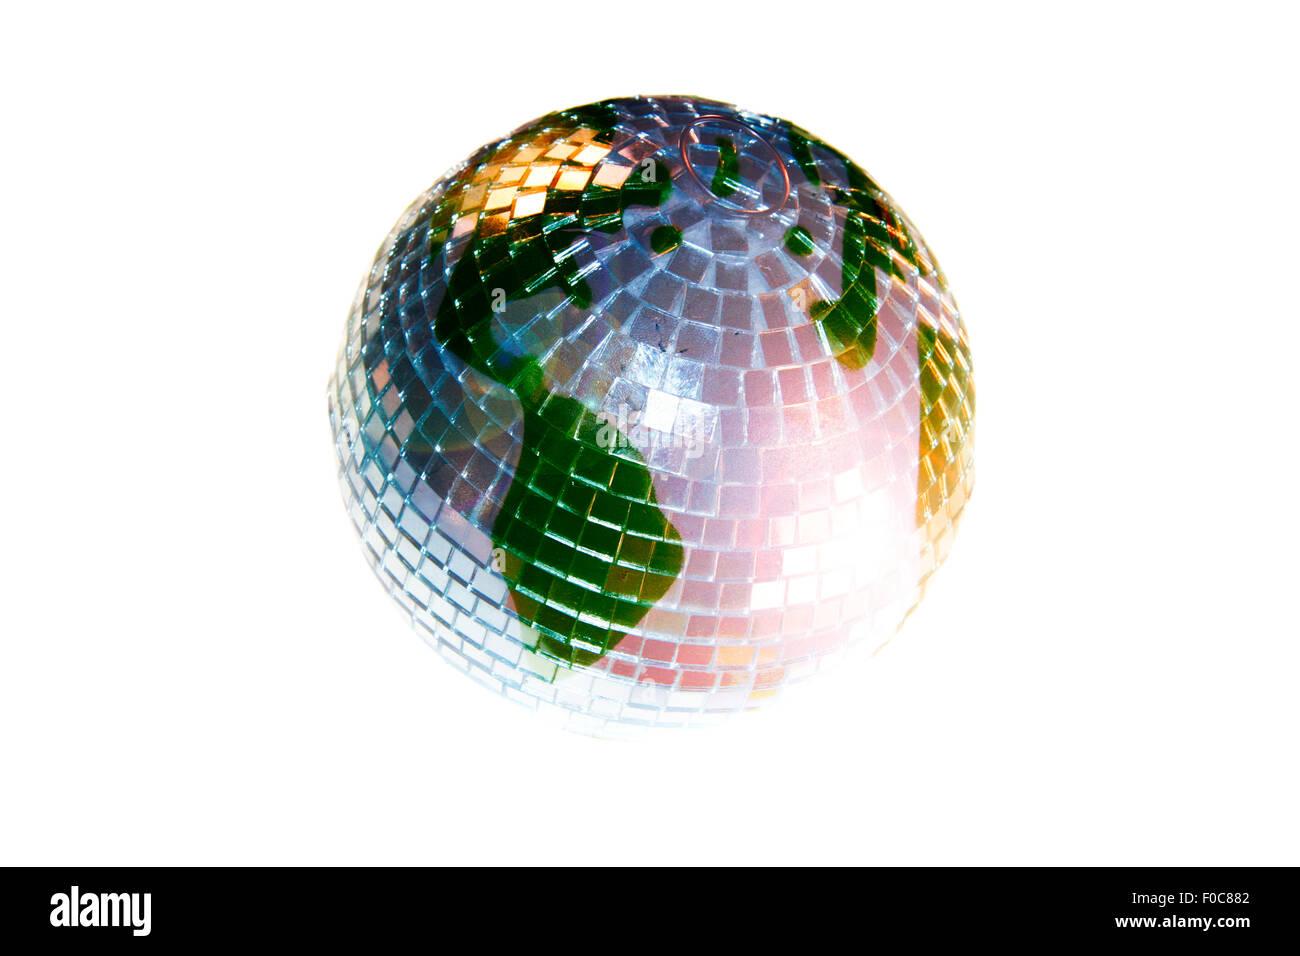 Symbolbild: Erdkugel/ earth. - Stock Image